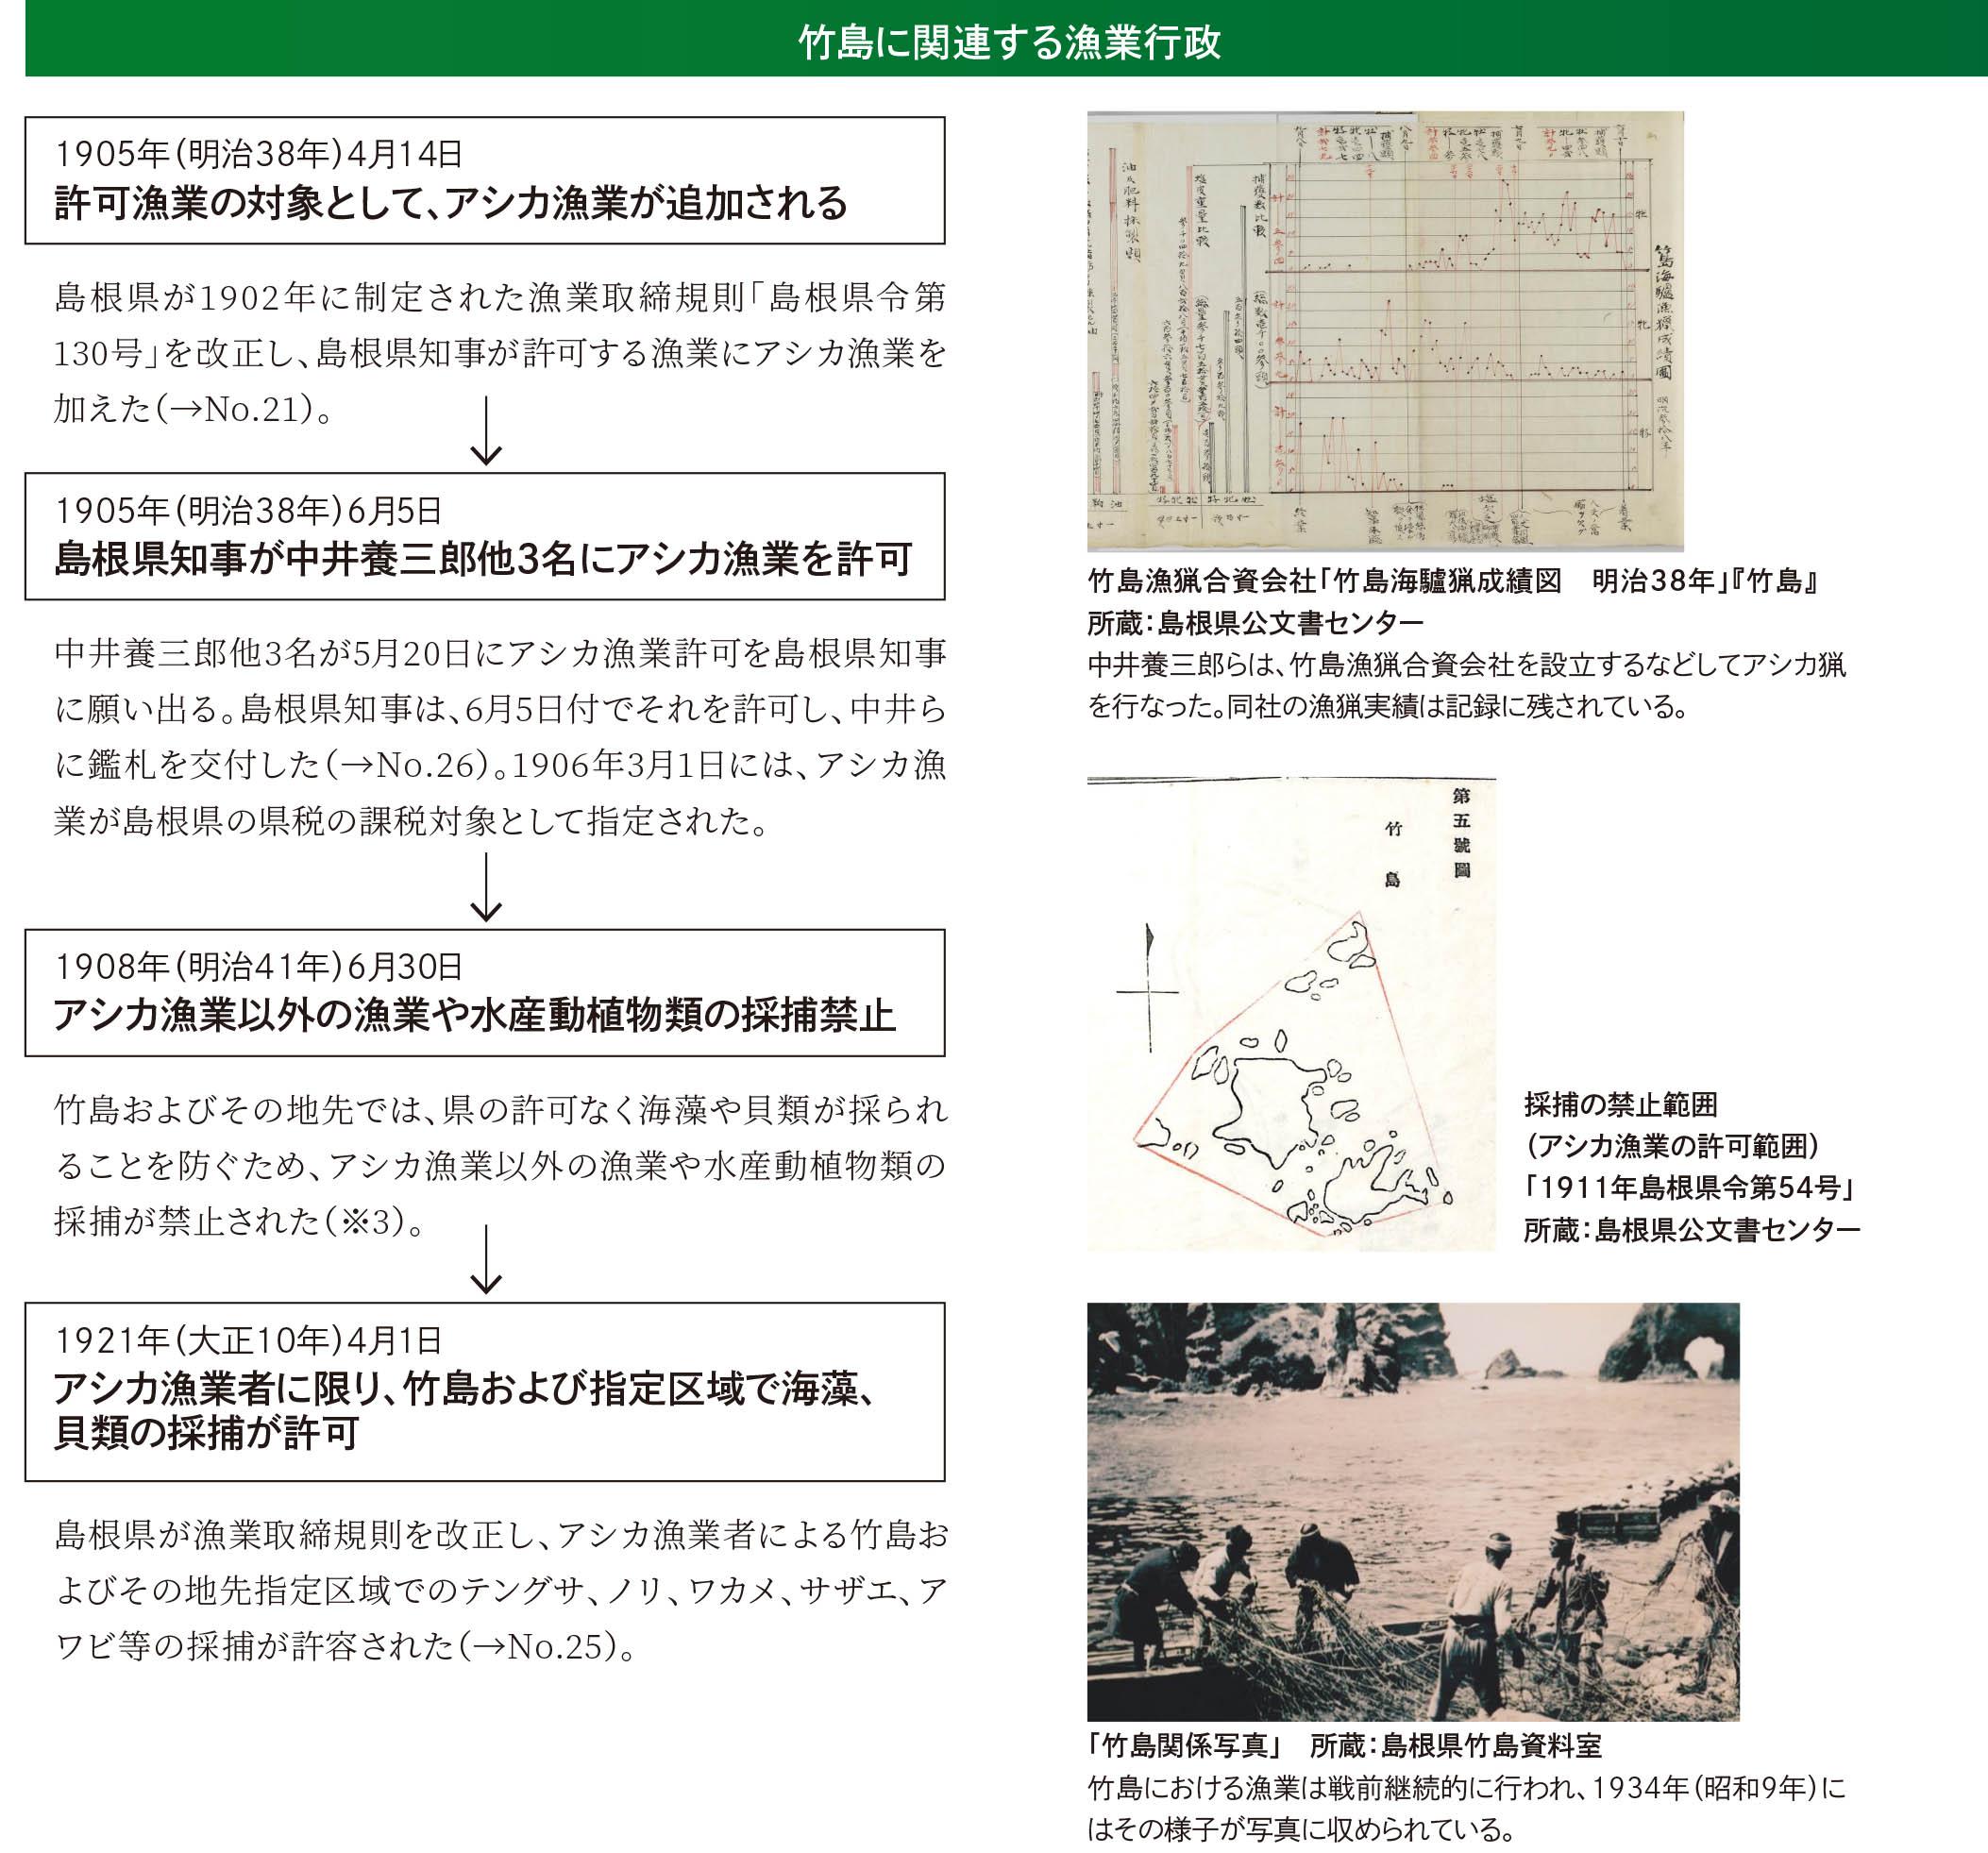 時代区分 II> 竹島が島根県に編入された1905年(明治38年)前後から ...